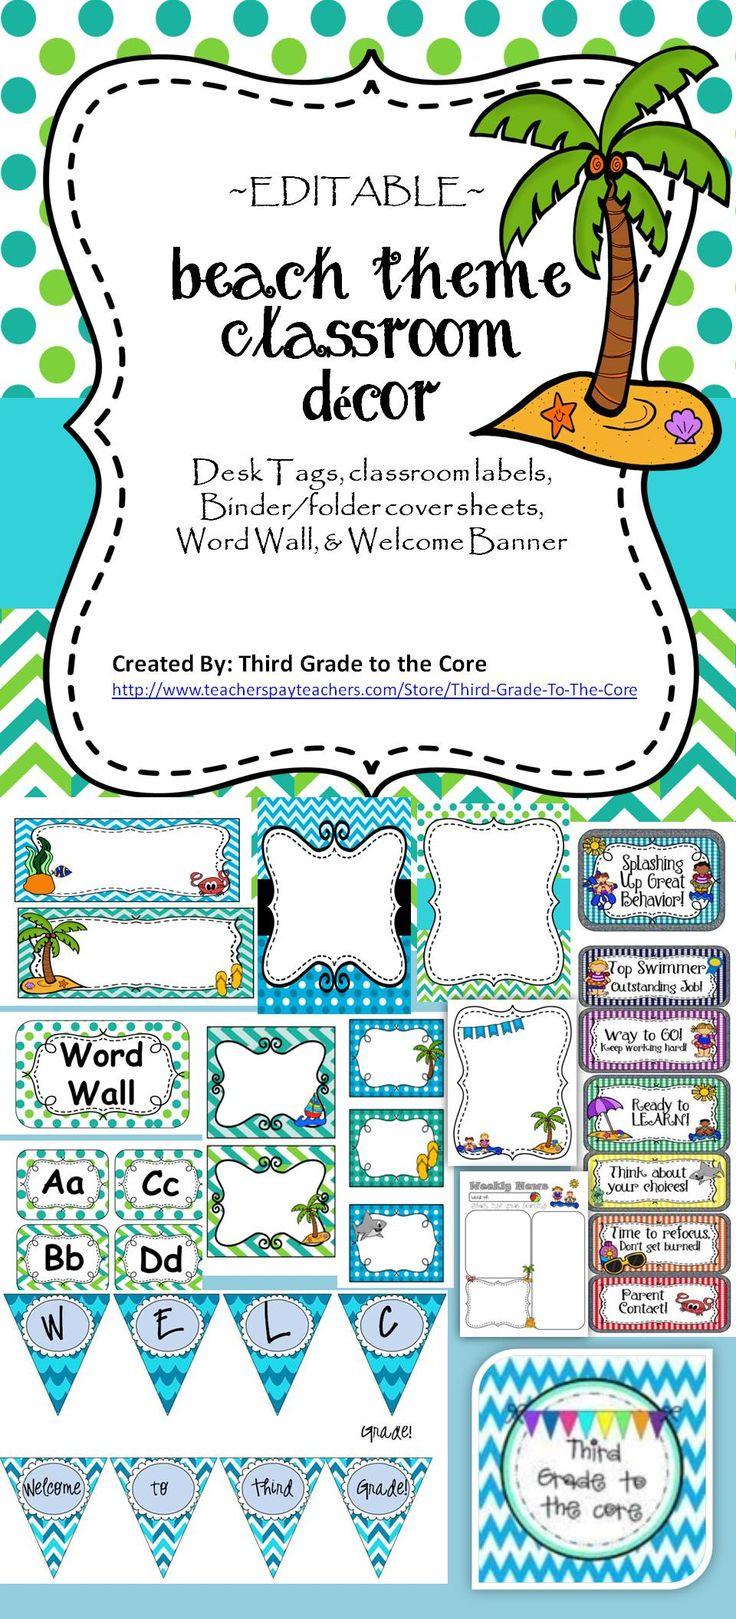 Classroom Decor Charts : Beach ocean theme classroom decor editable charts